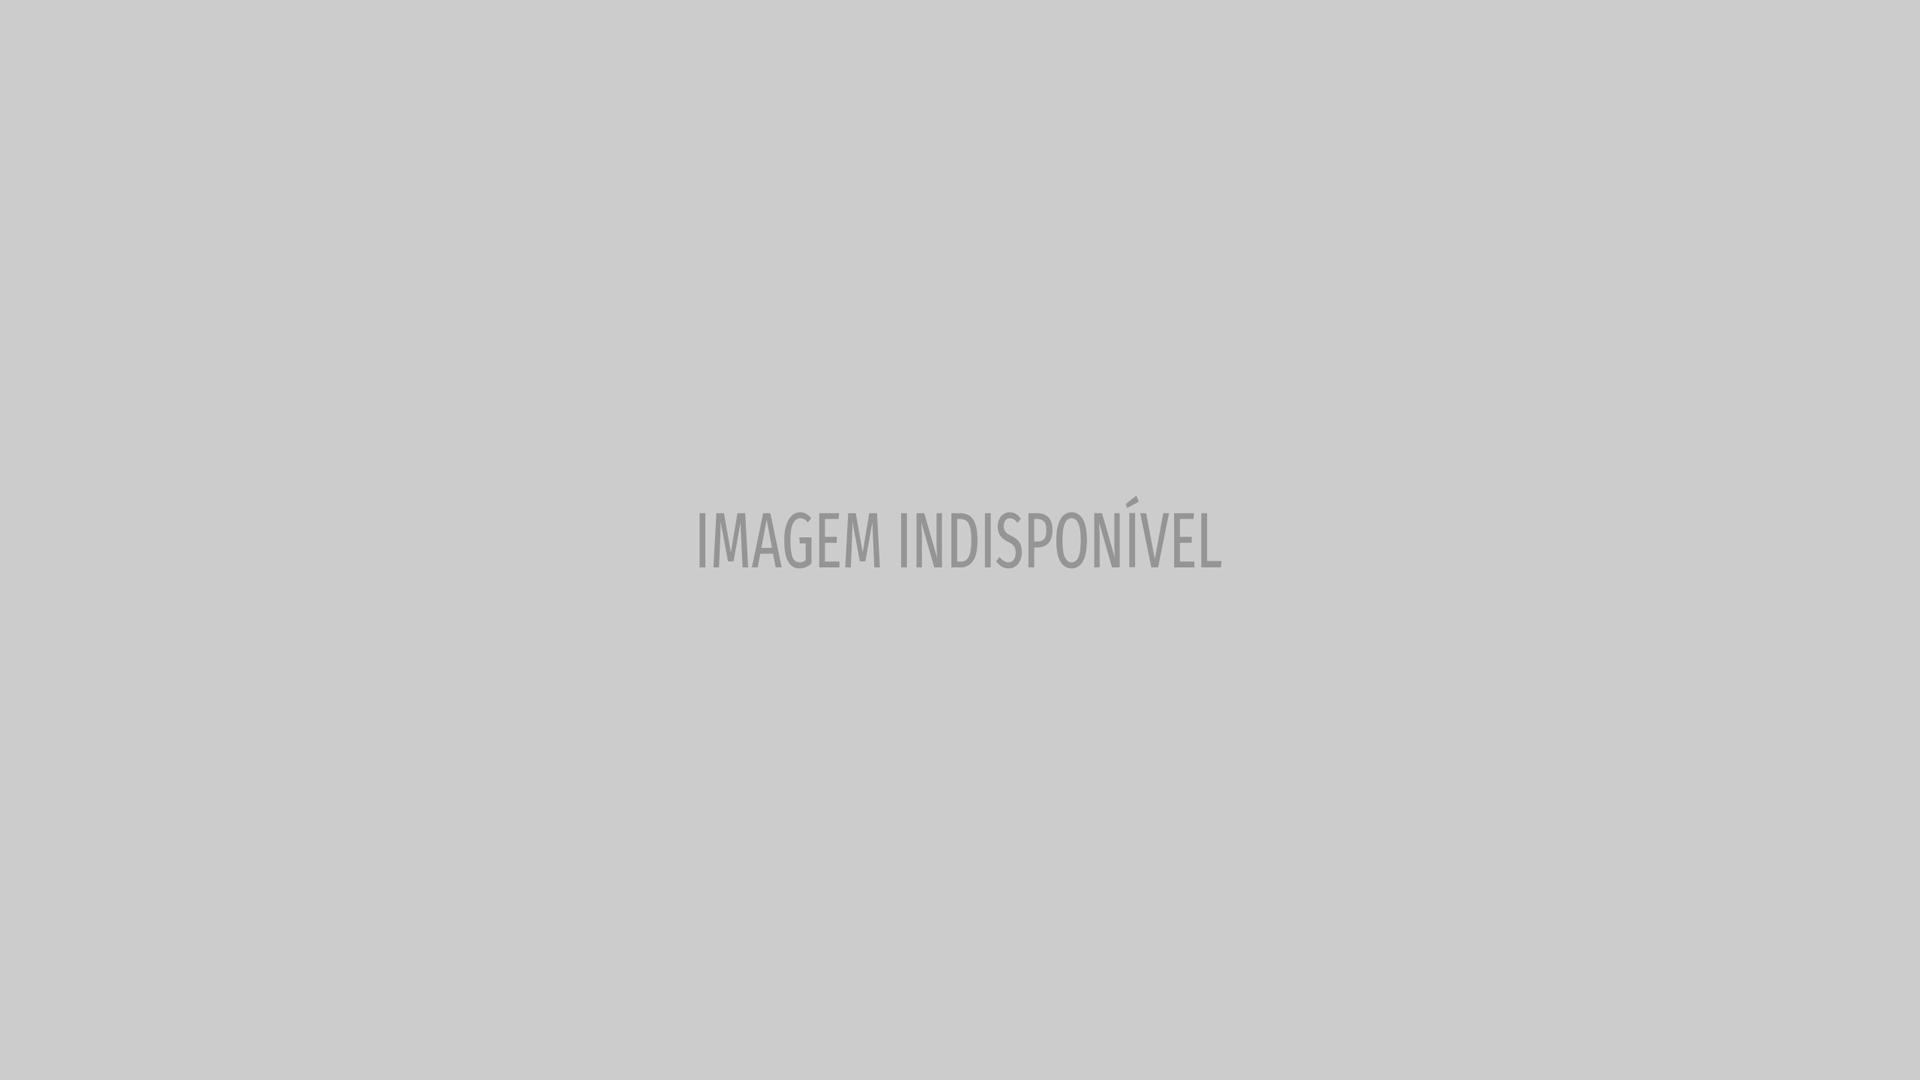 Após acidente, é visitado por duas mulheres no hospital. Estalou o verniz